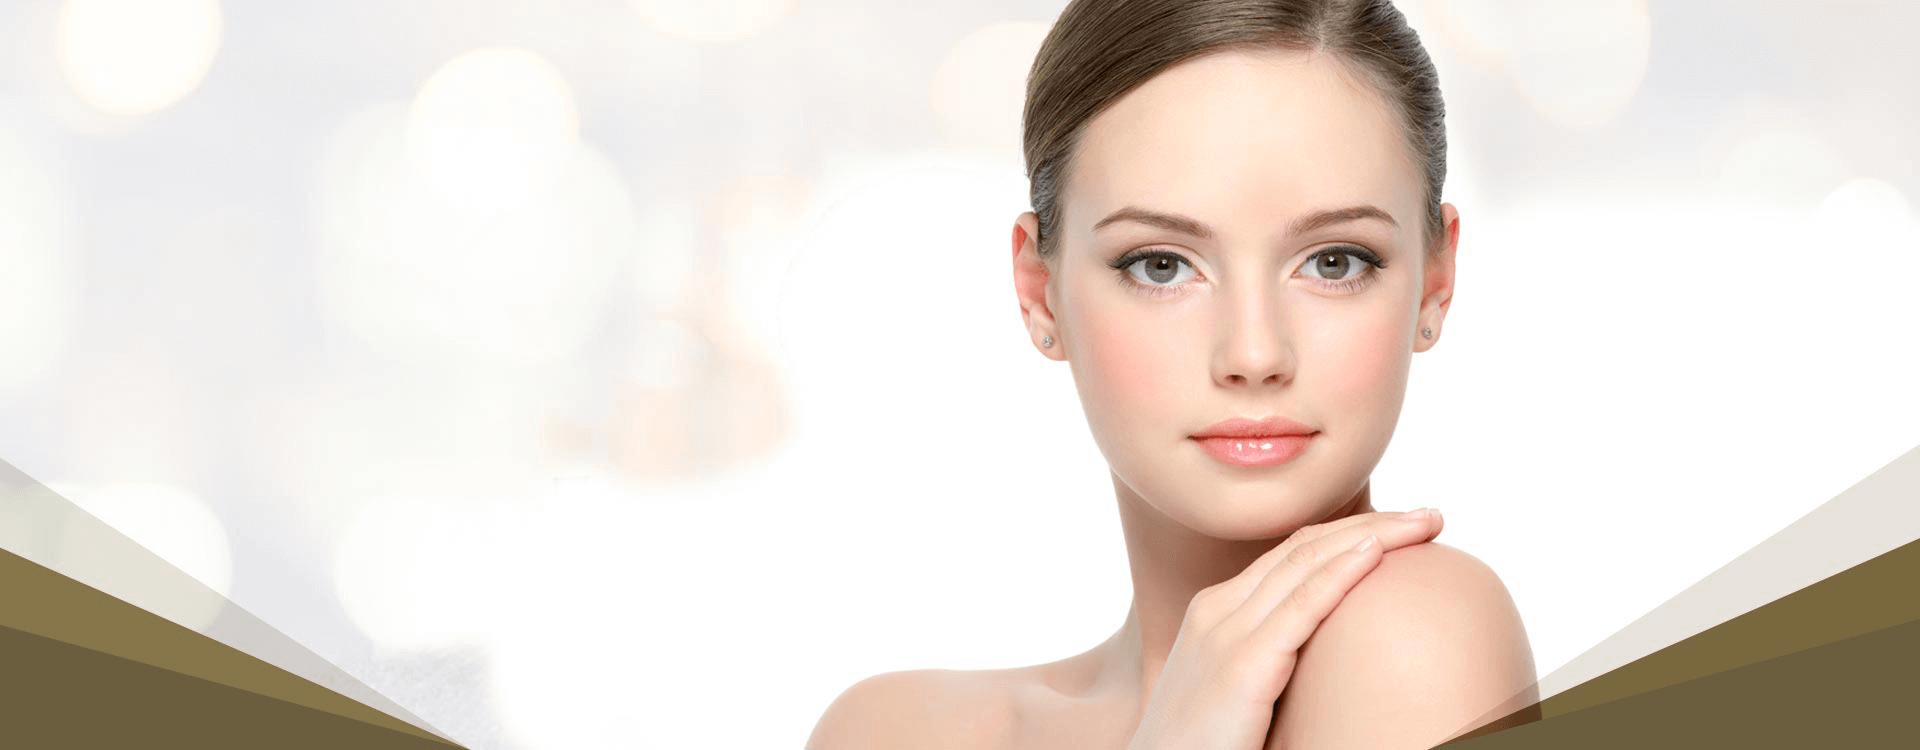 tratamientos-faciales-en-guadalajara-alissi-bronte-juvensa.jpg